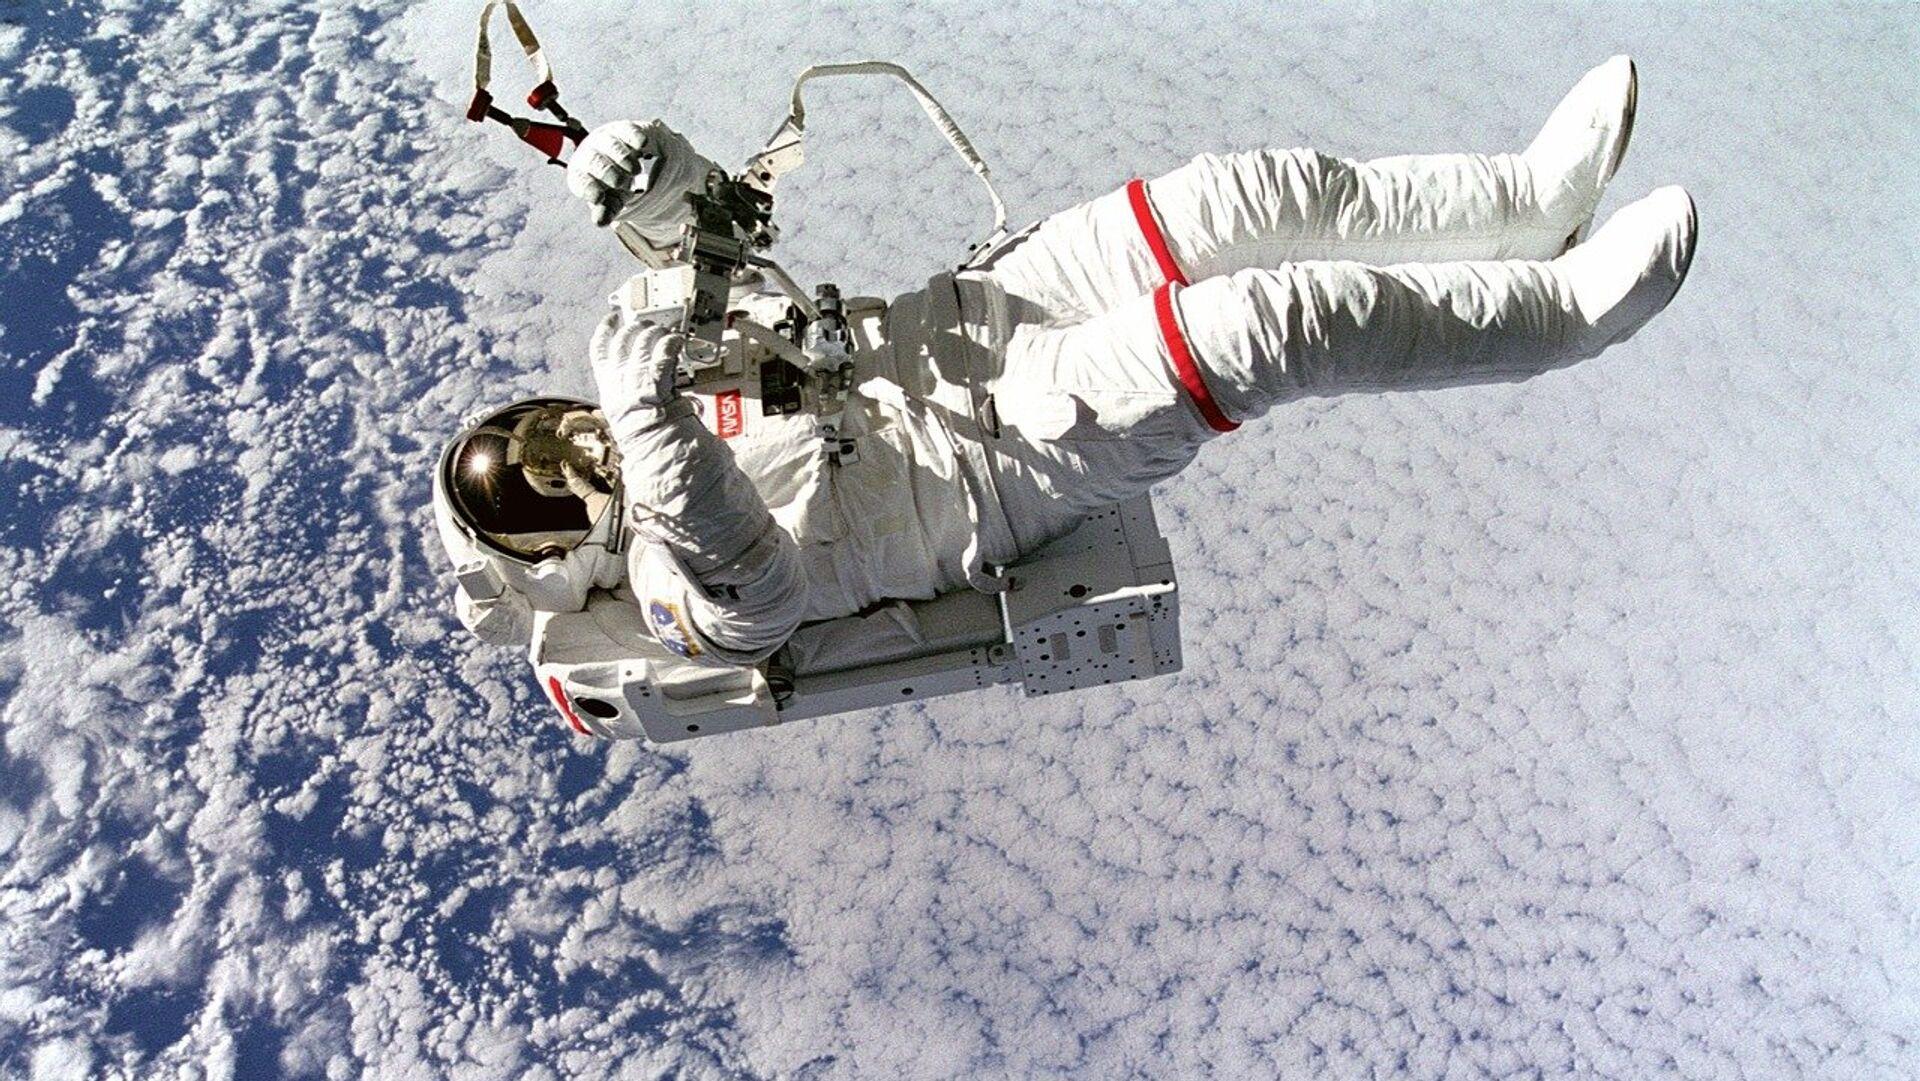 Un astronauta en el espacio, referencial - Sputnik Mundo, 1920, 10.08.2021